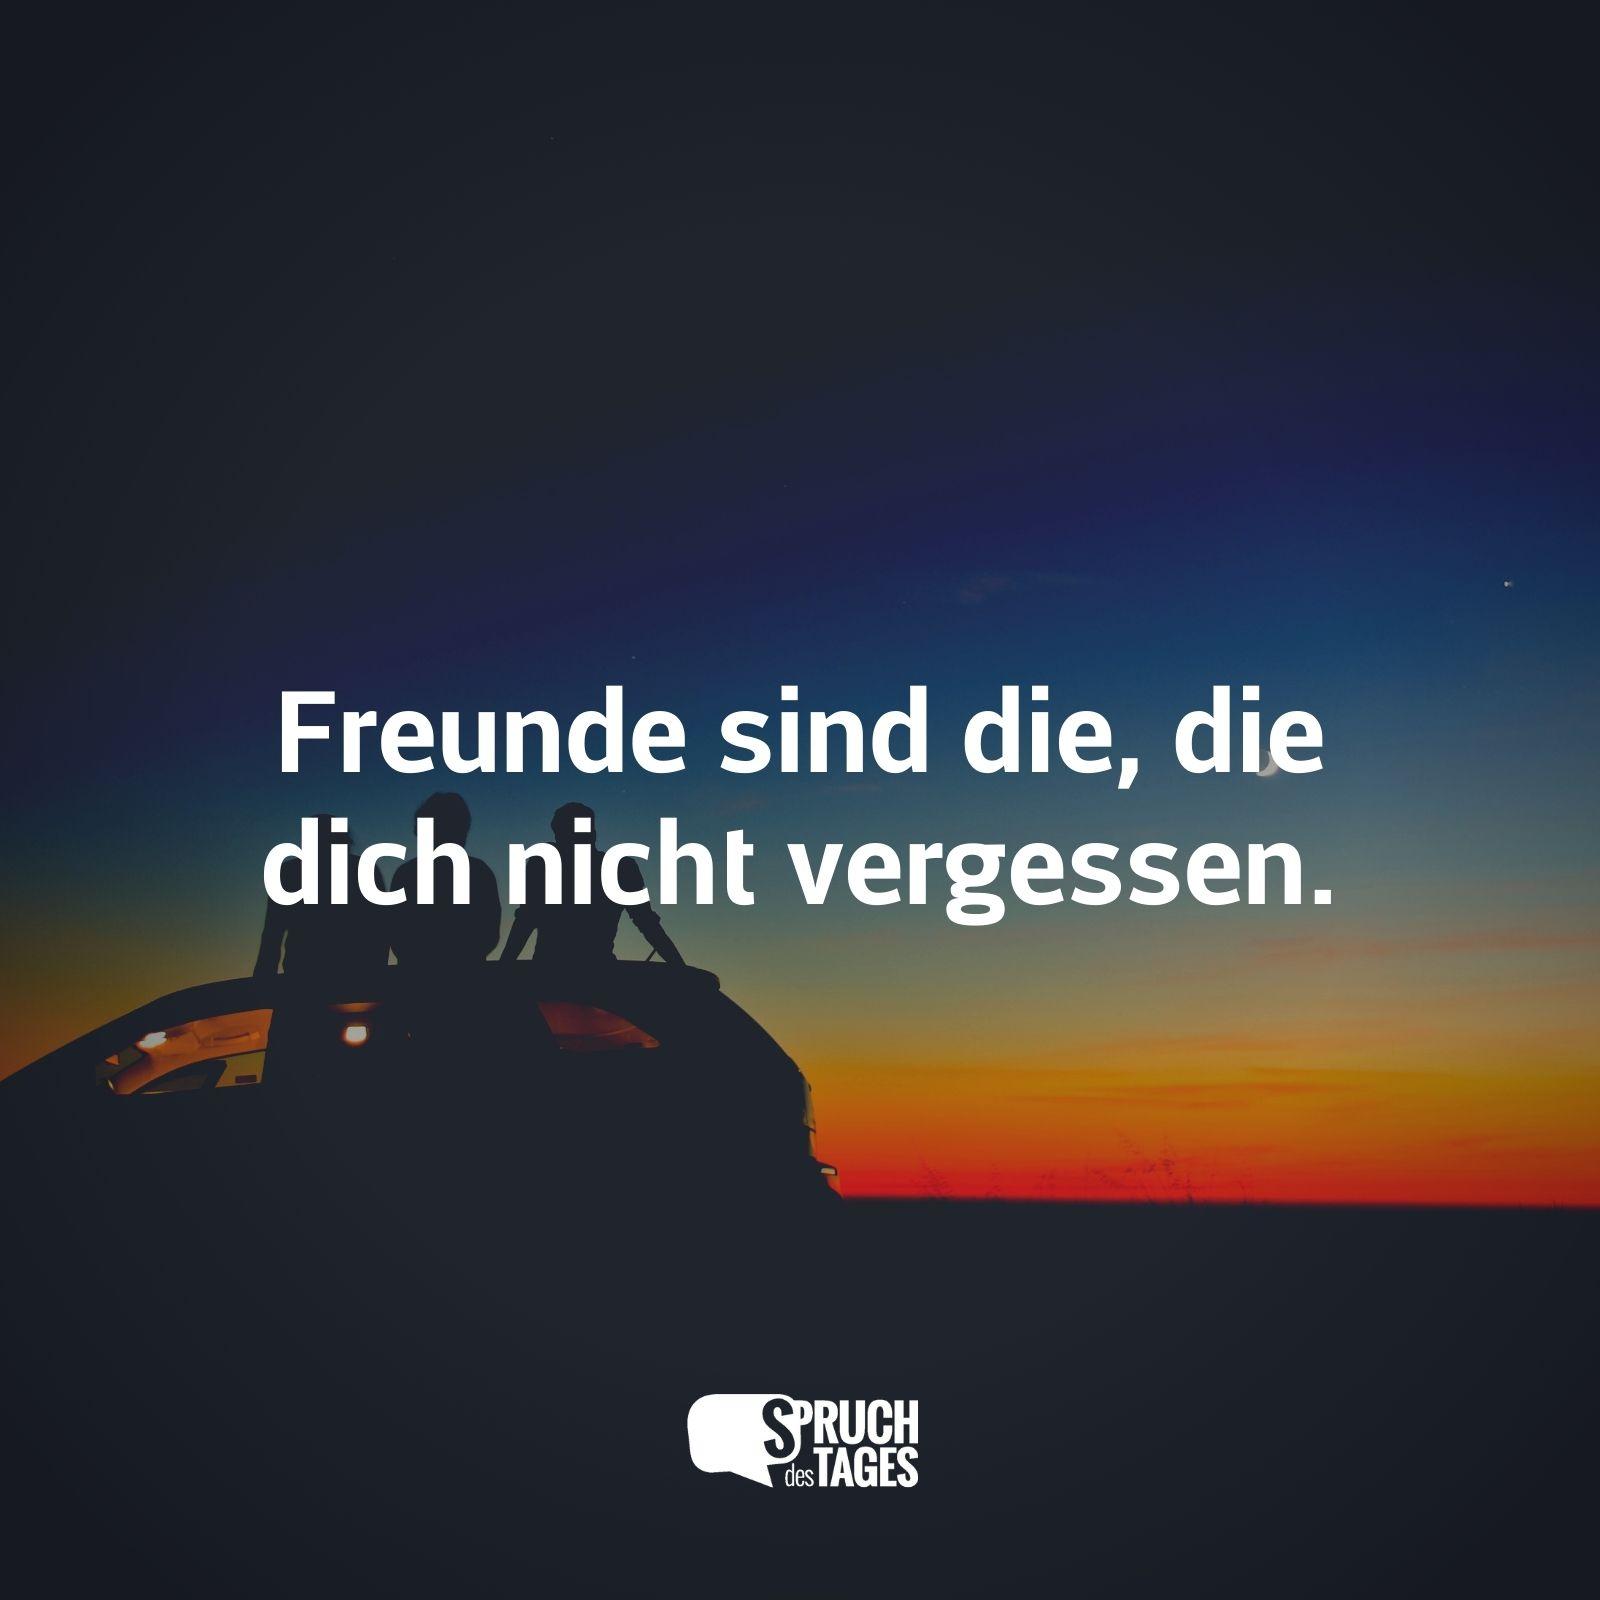 Freunde sind die, die dich nicht vergessen.